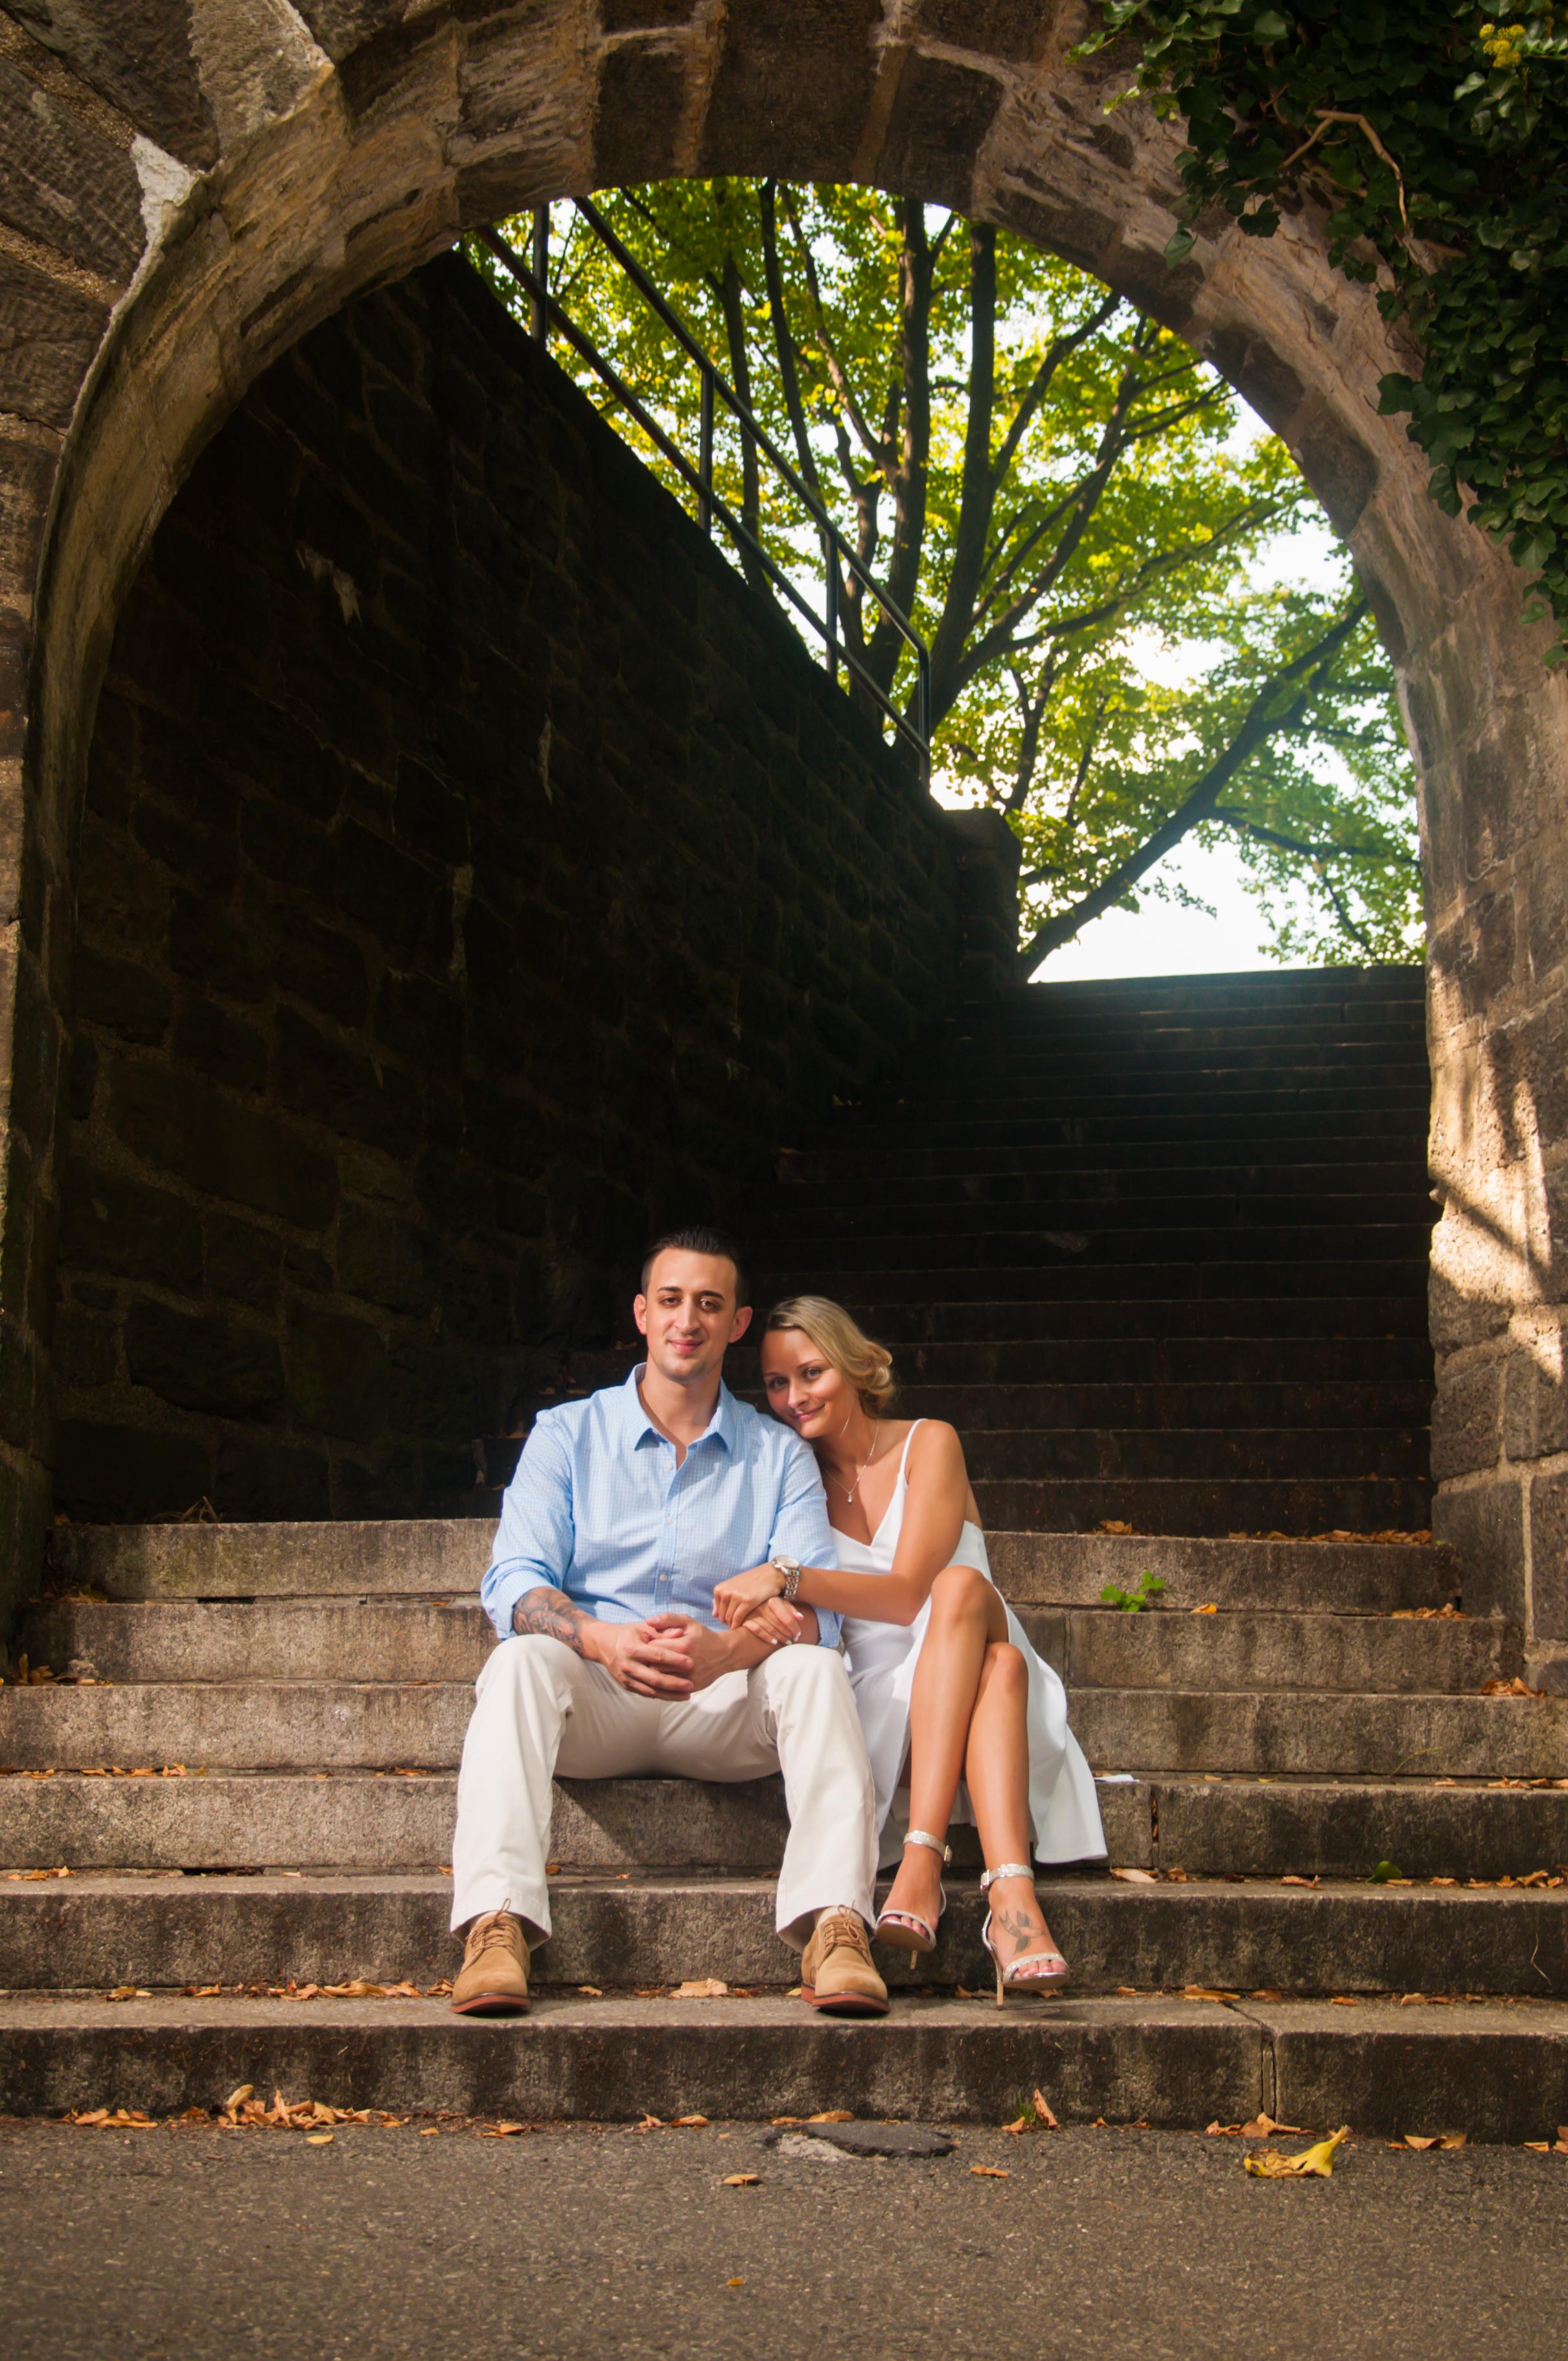 CArrieWestonStudios_NY_Portrait_Wedding_Photography_Northport_JoeandSarah-12.jpg